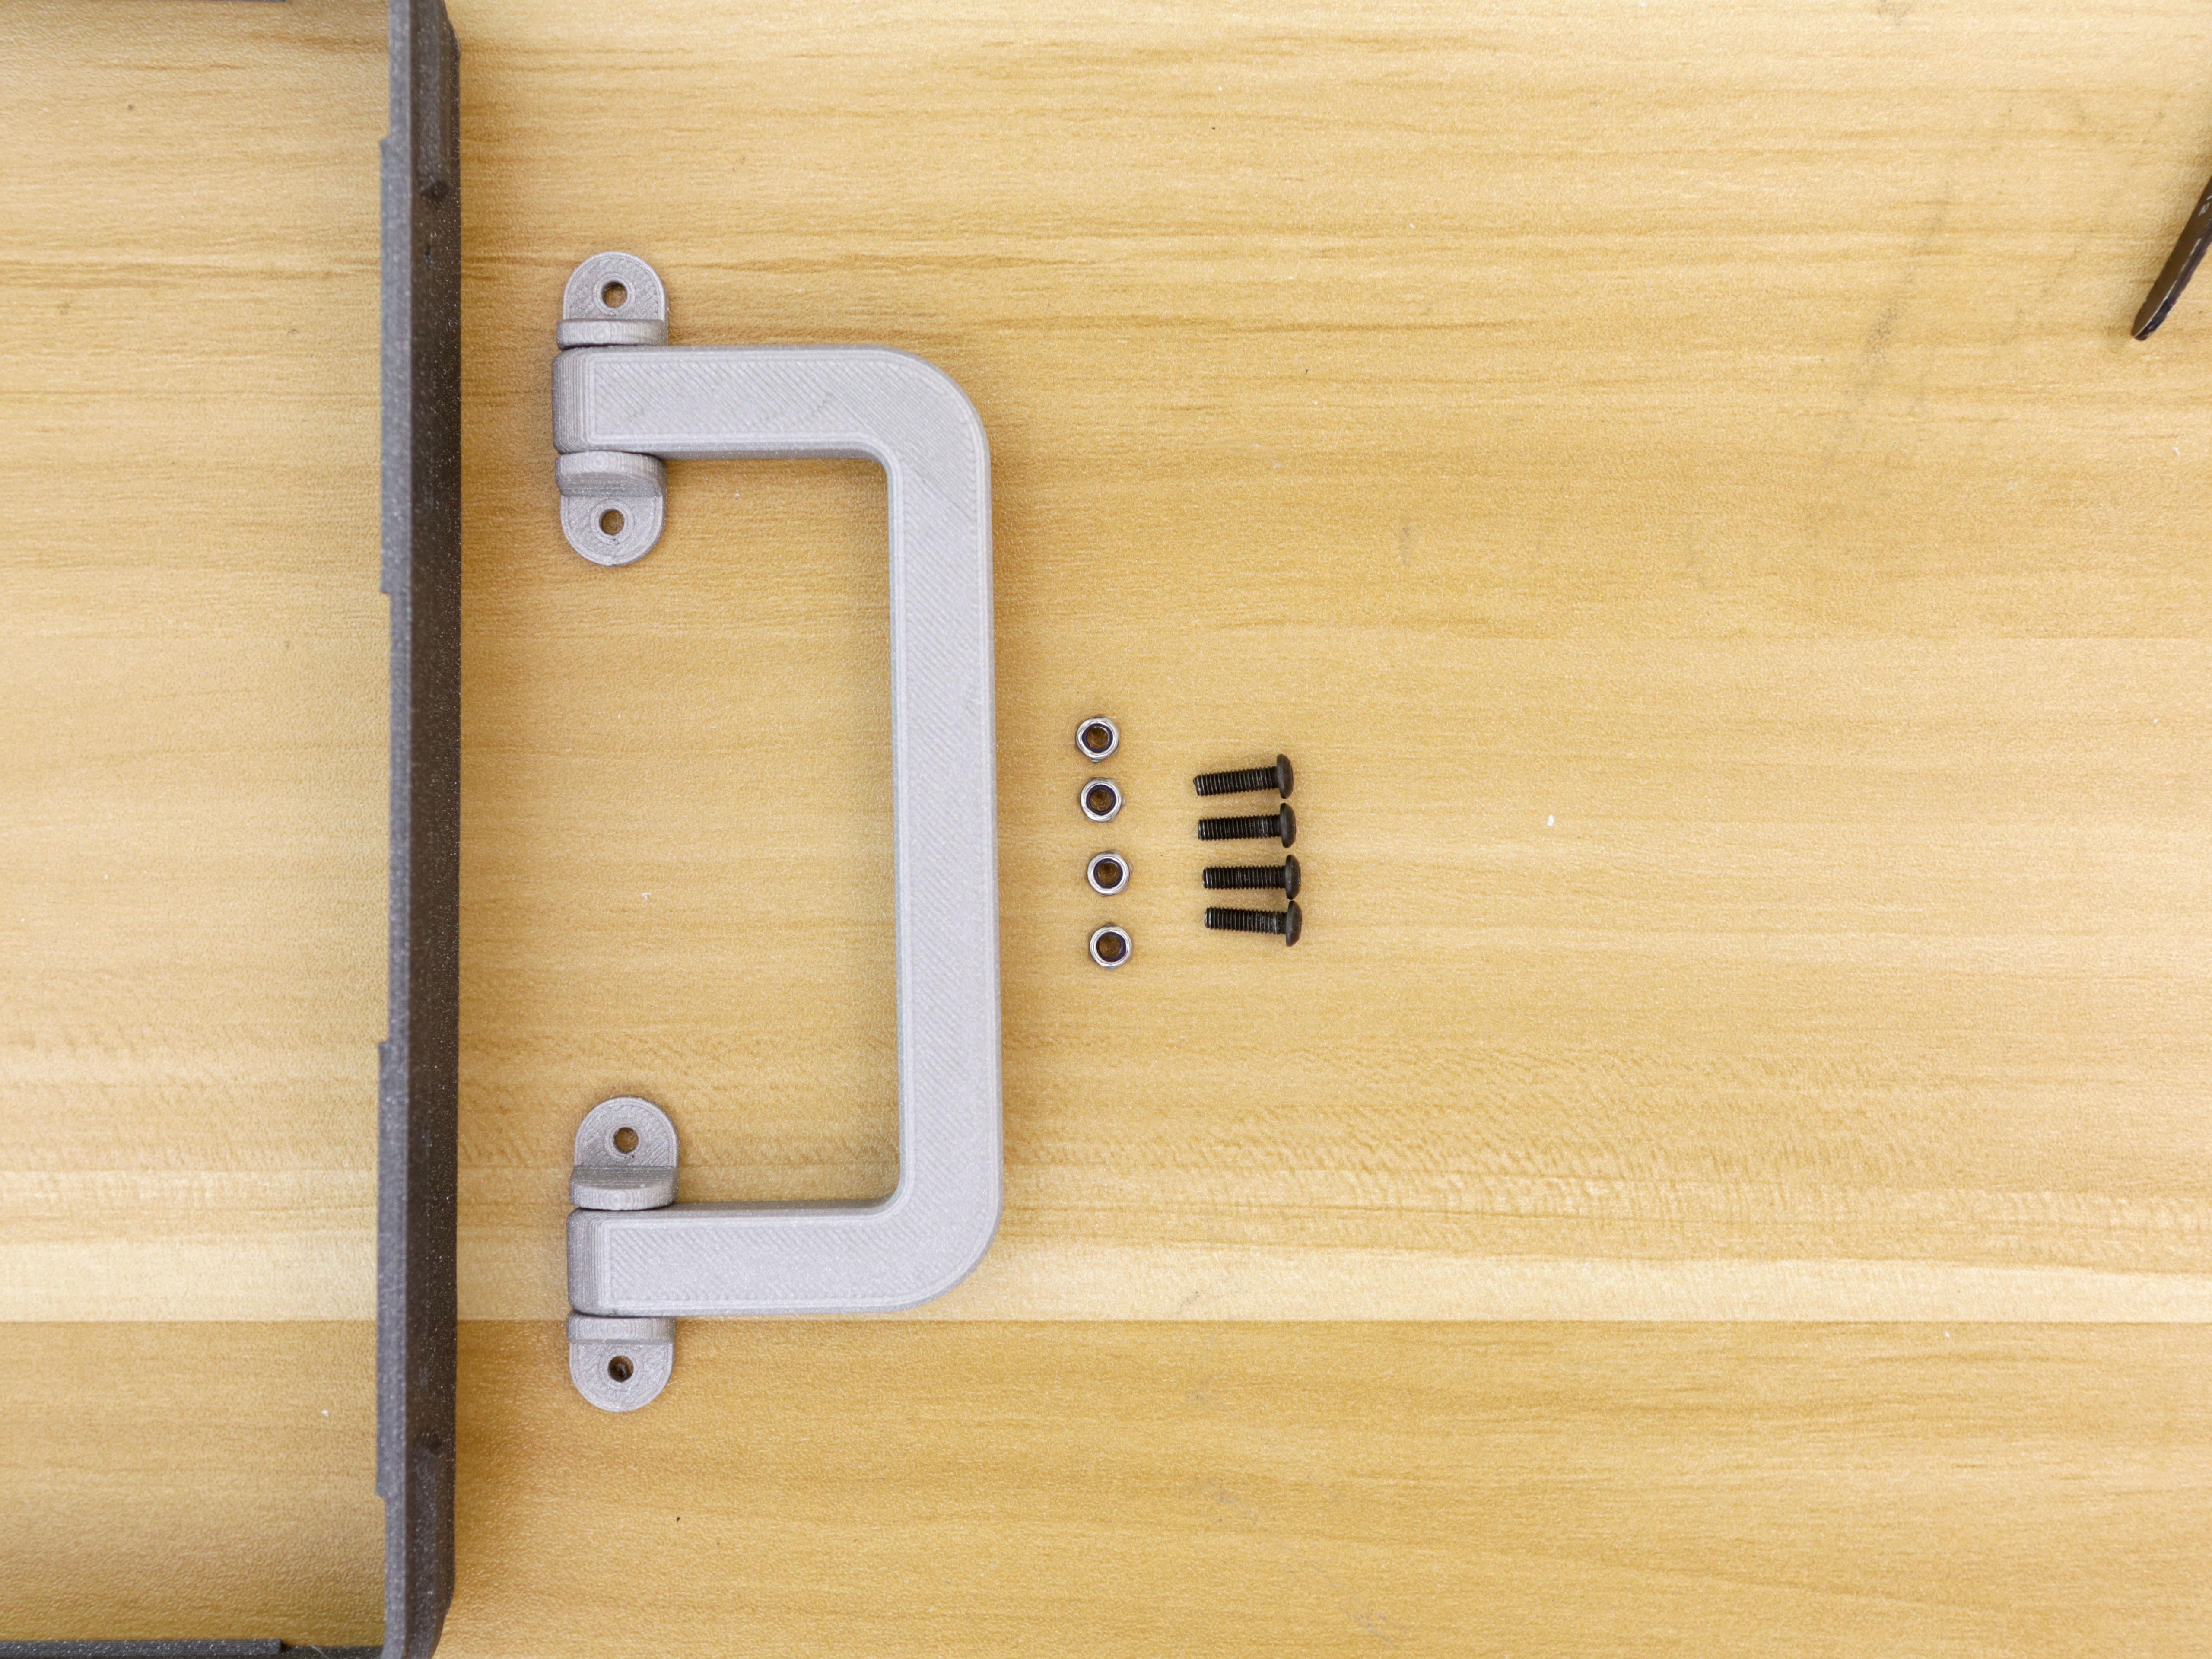 3d_printing_handle-screws.jpg